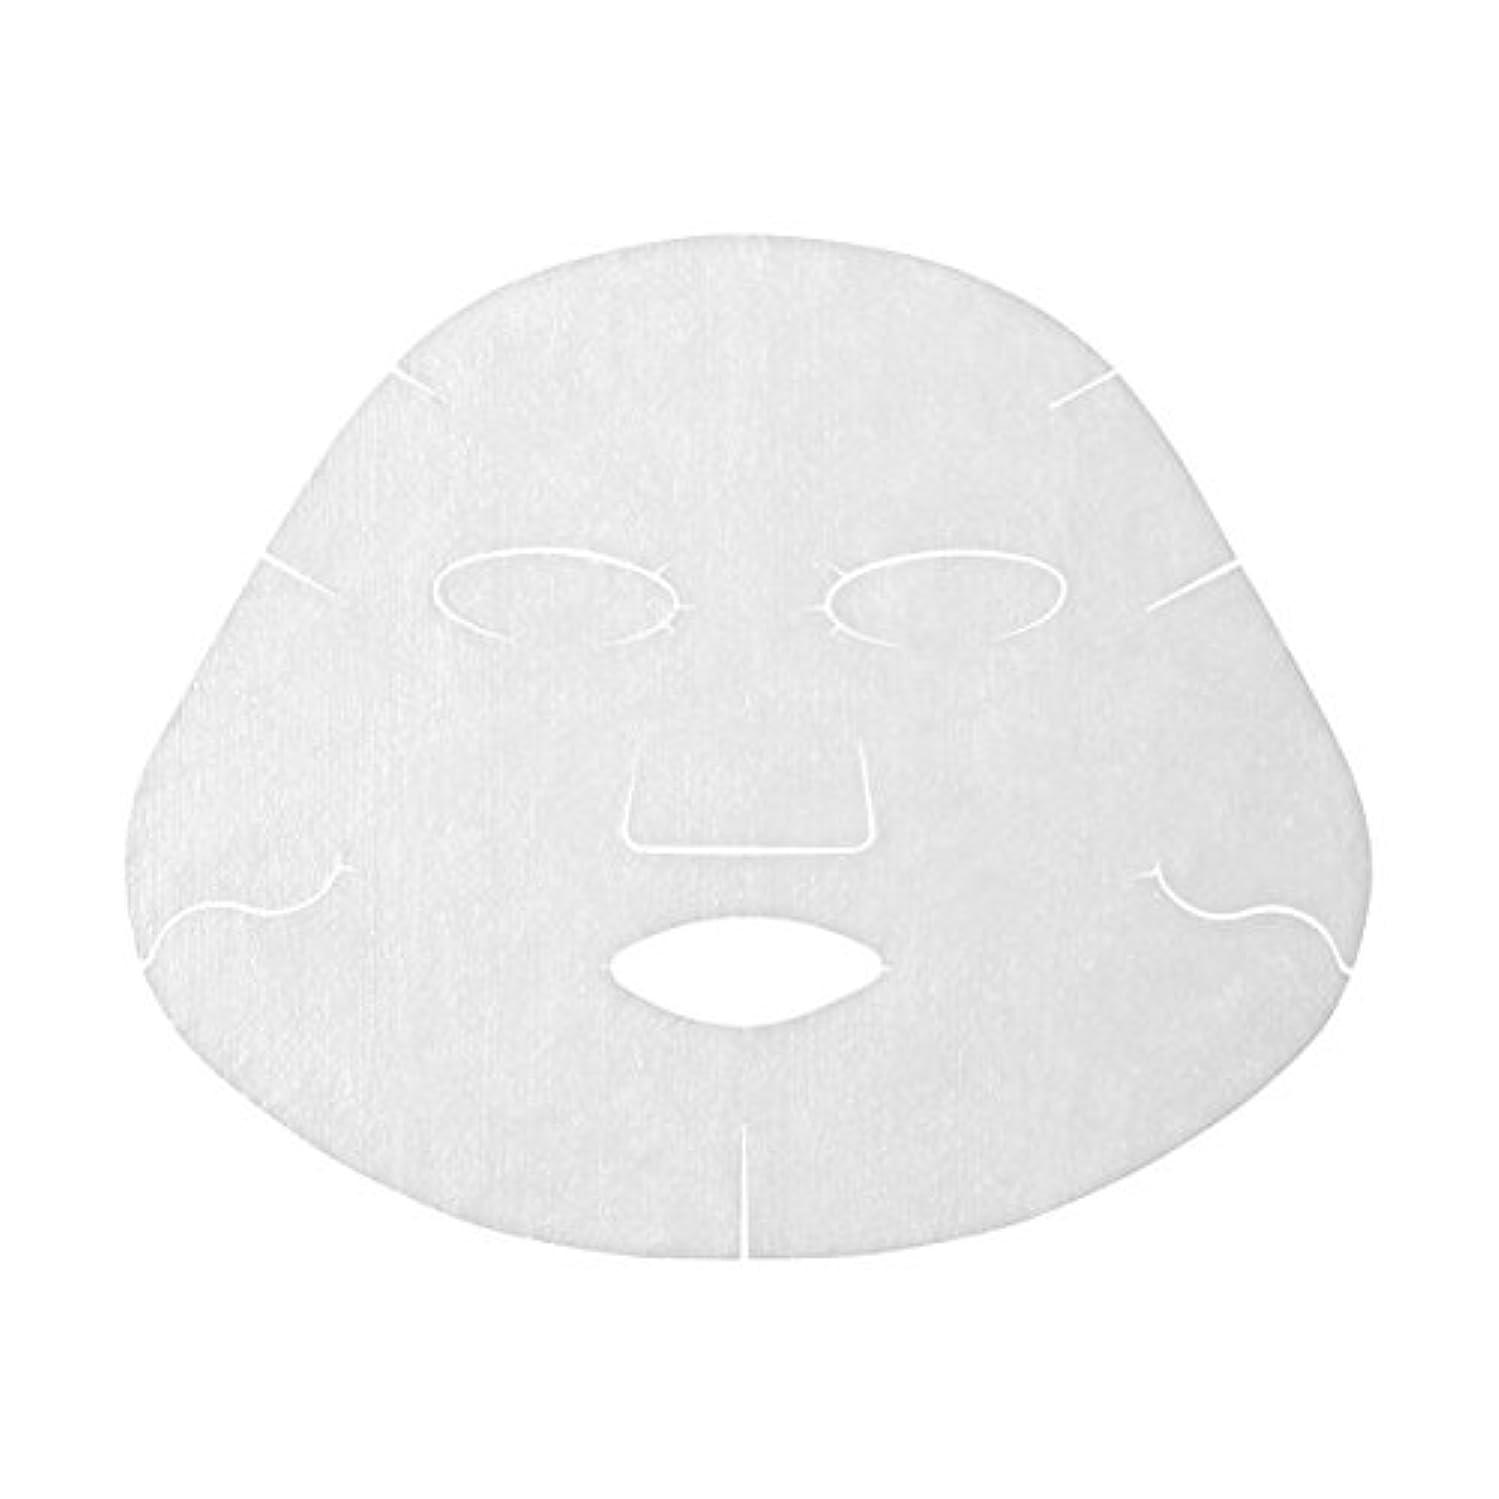 アクアレーベル リセットホワイトマスク <1枚入り> 18mL×1枚 【医薬部外品】